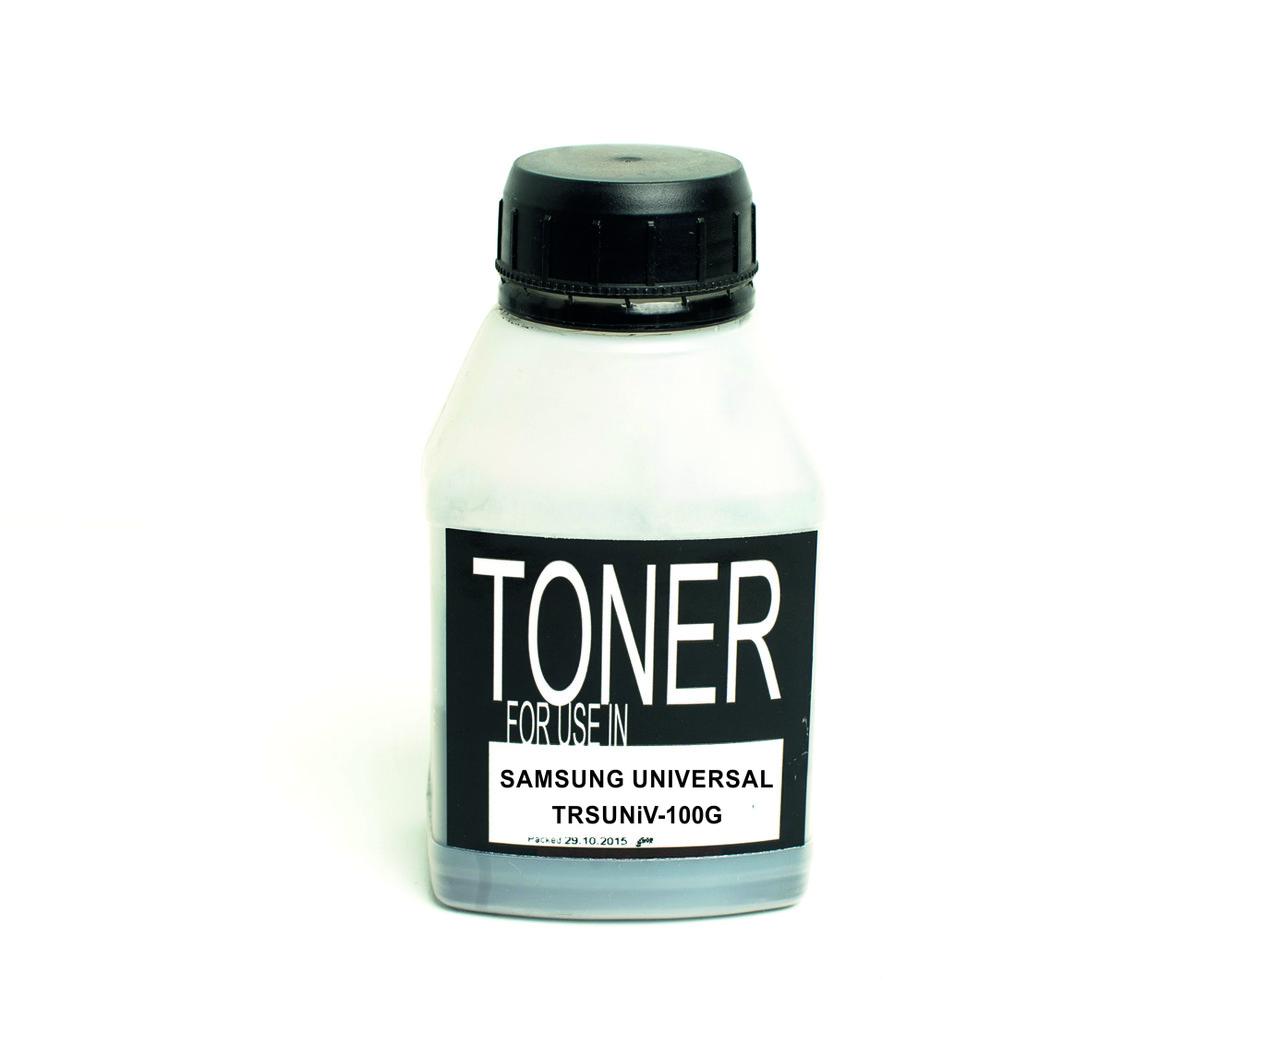 Toнeр-порошок SAMSUNG UNIVERSAL Black (Чёрный, 100 грамм, бутылка)